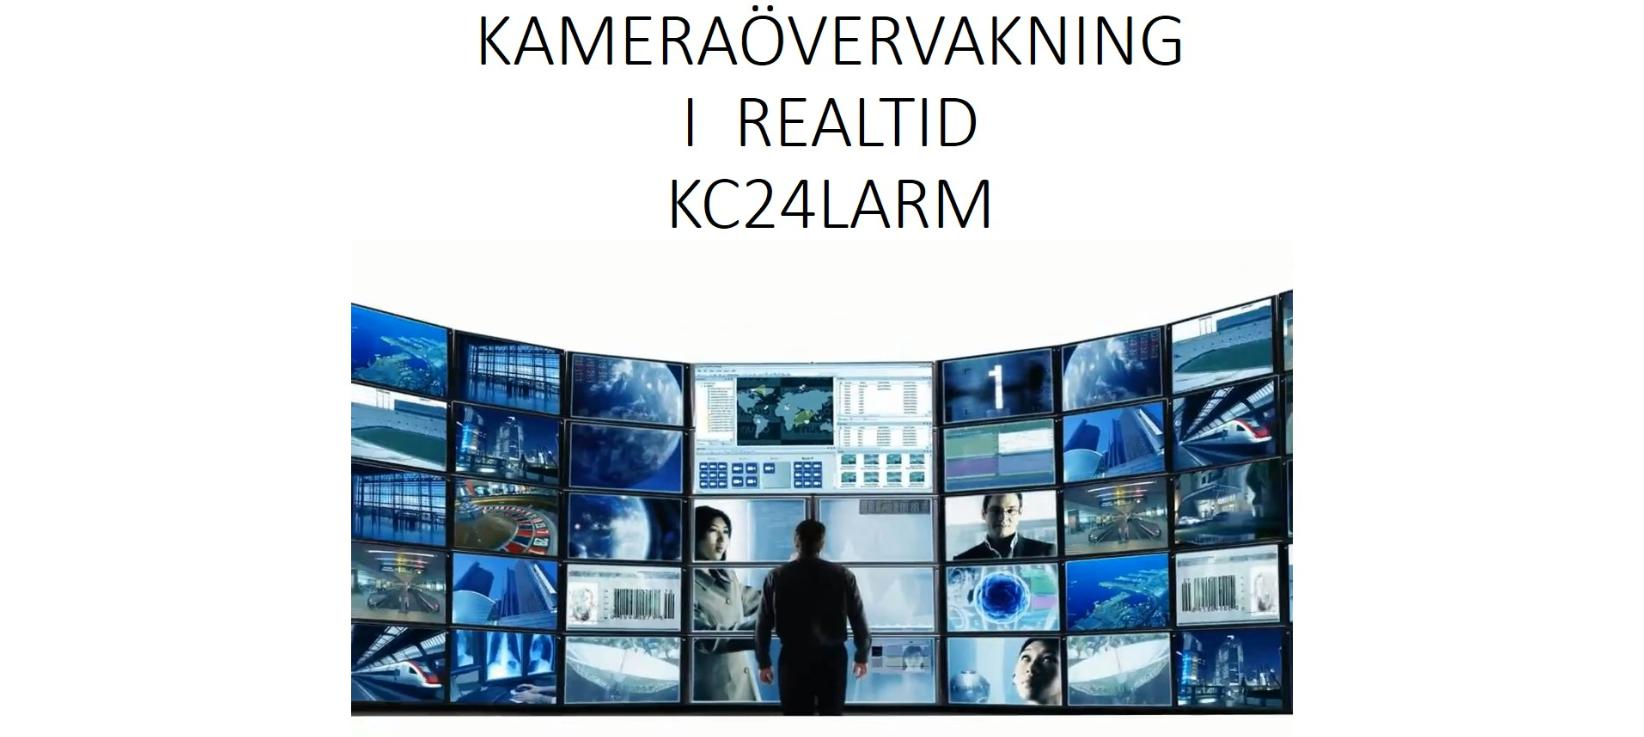 Kameraövervakning i realtid - KC24 Larm